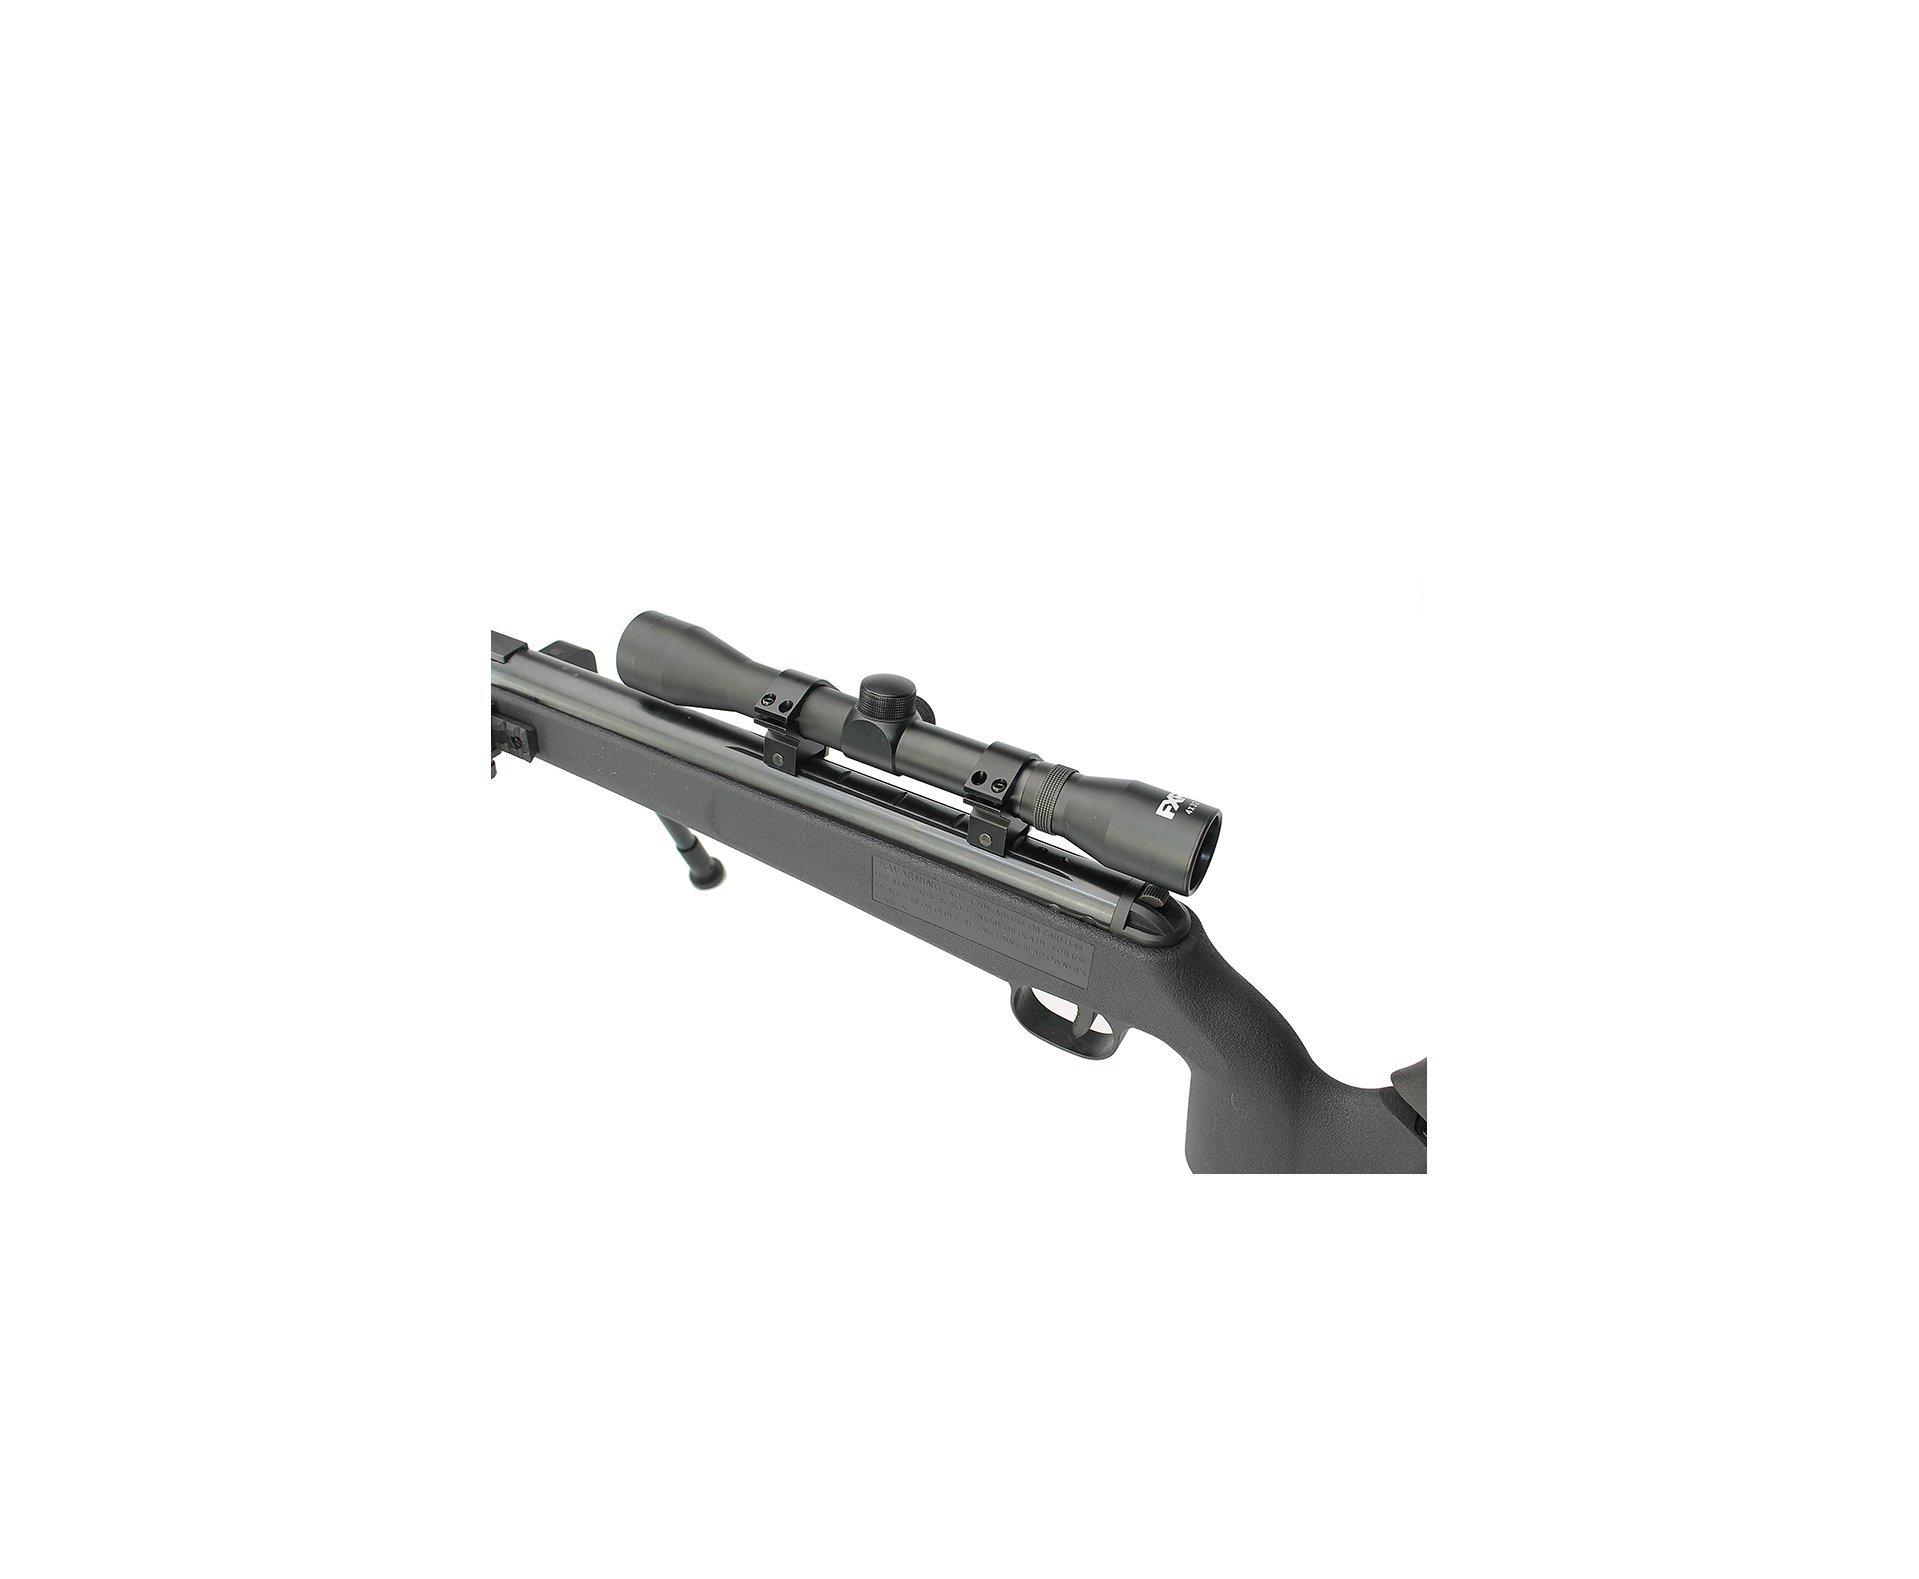 Carabina De Pressão Artemis Gp 1250 Sniper Gas Ram 70kg Black 4,5mm + Bipé + Luneta + Supressor